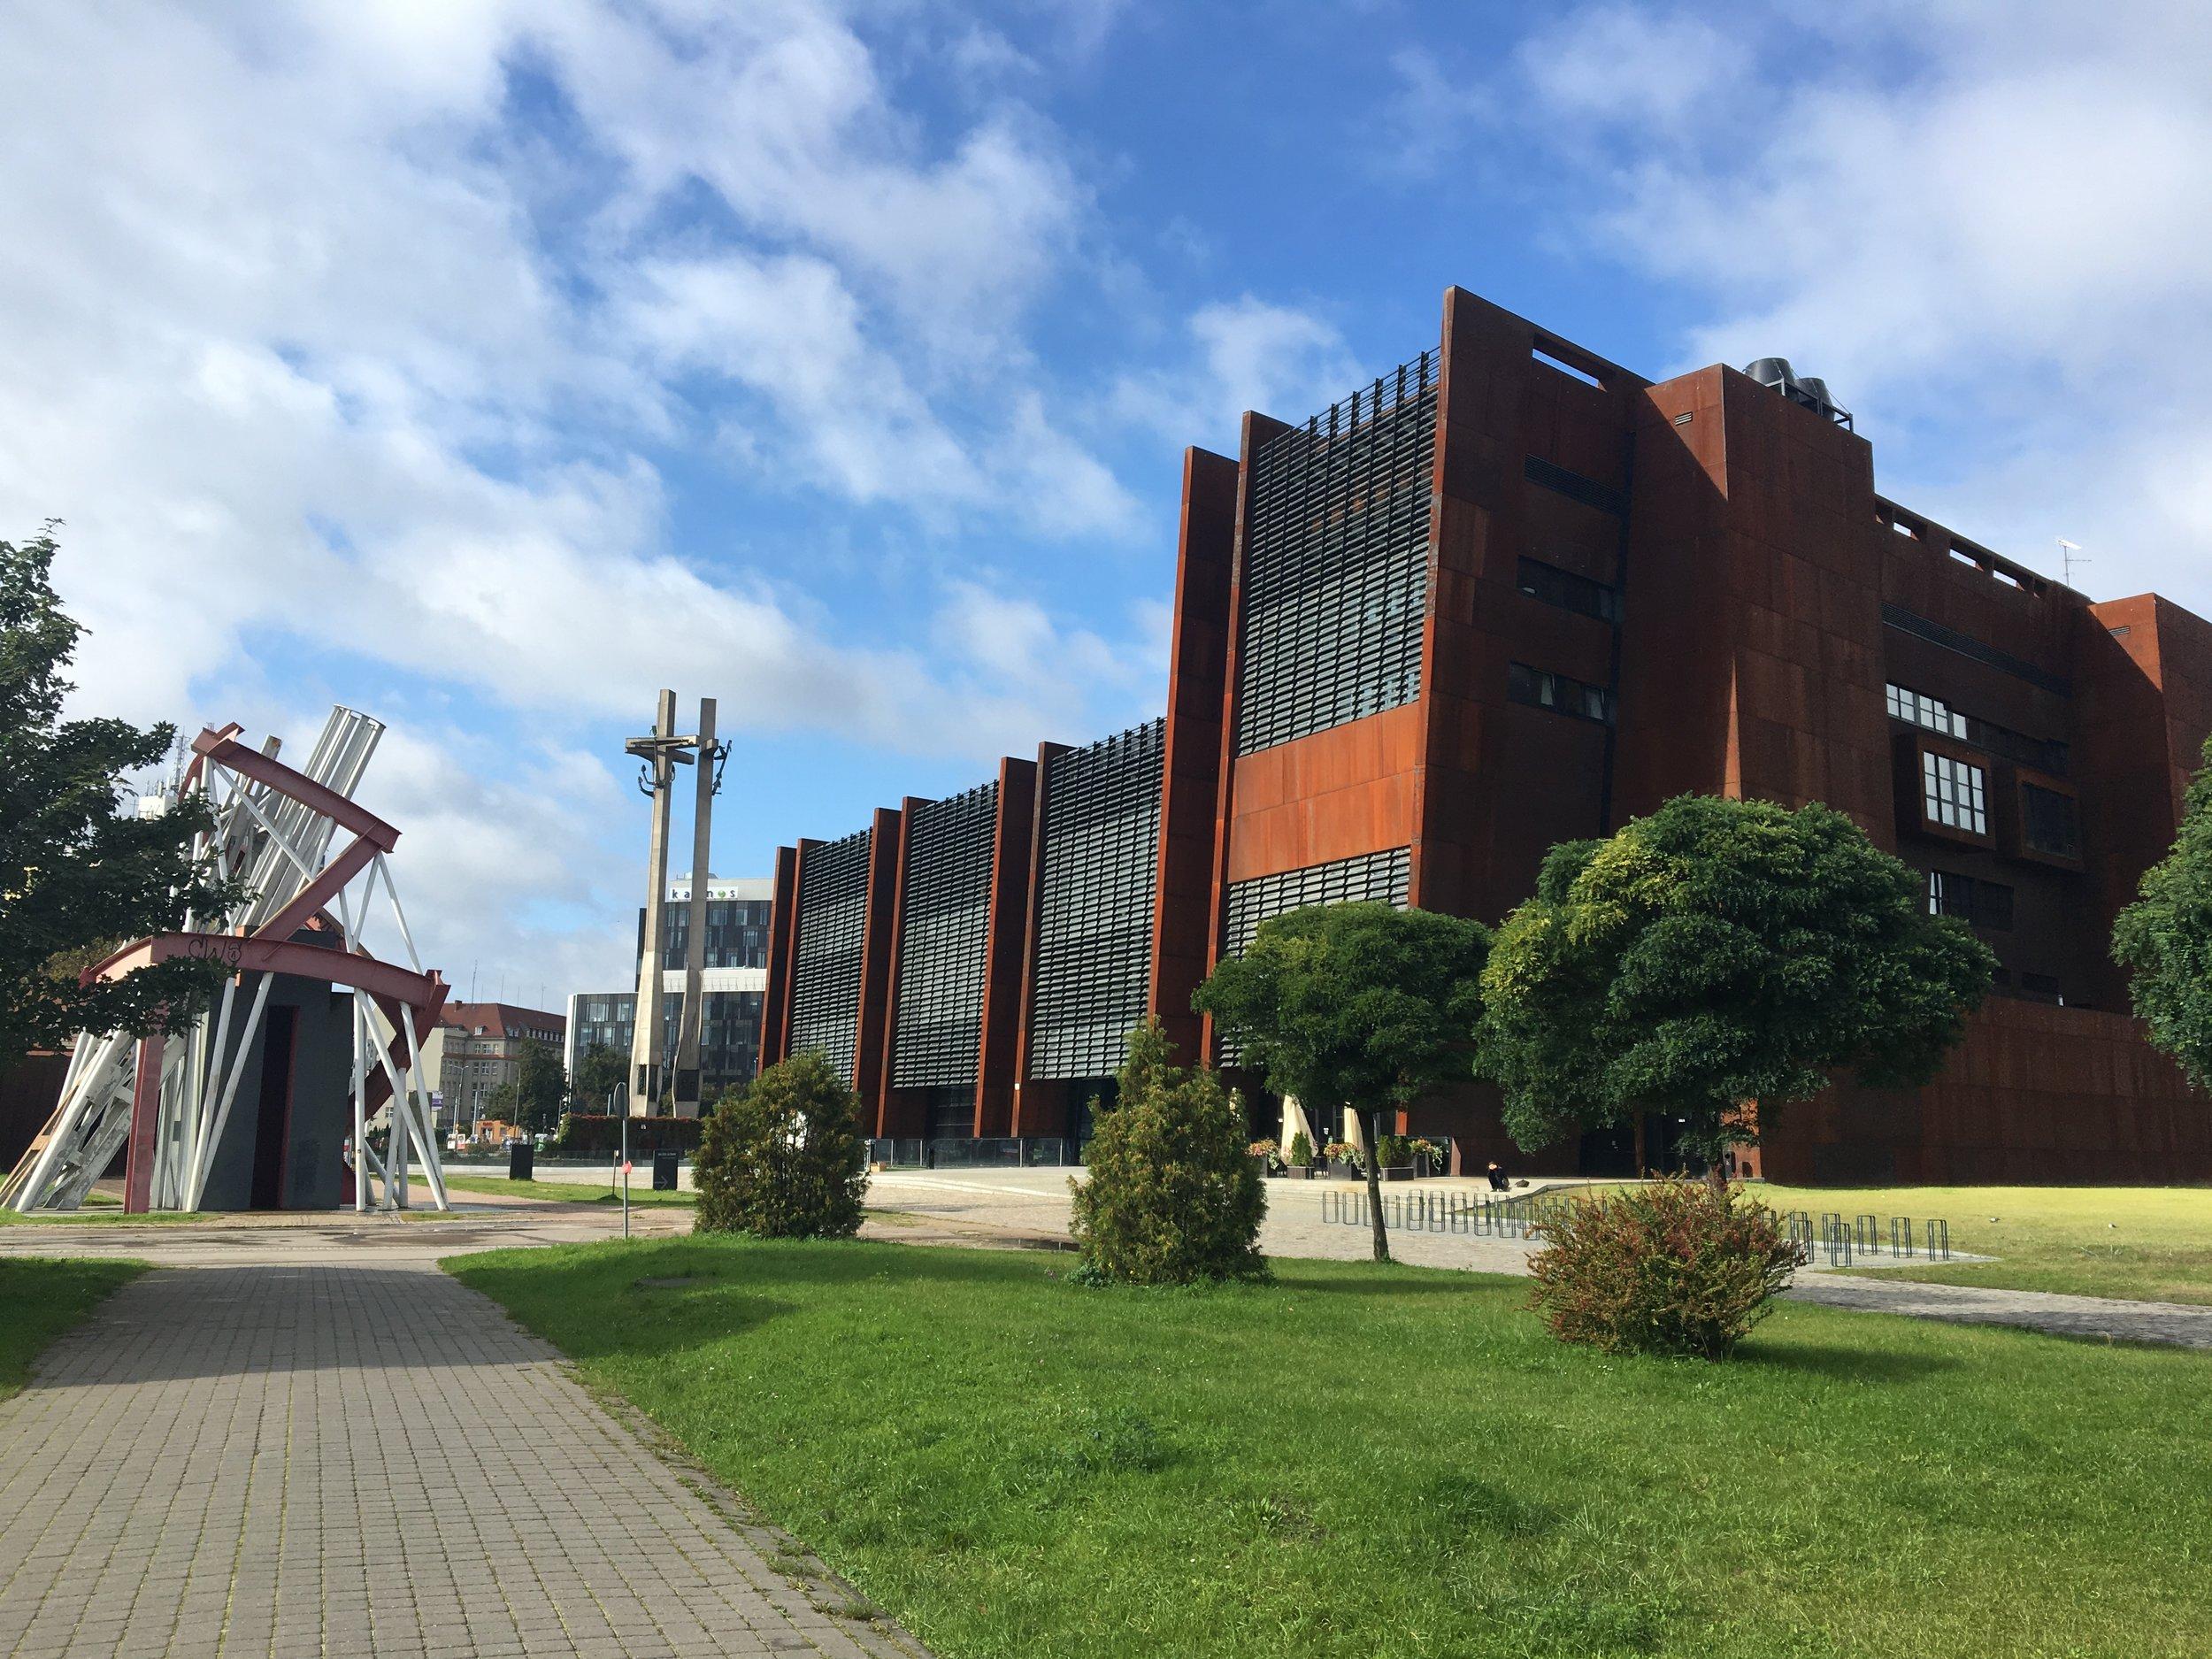 EUROPEISK SOLIDARITETSSENTER: Et spennende og moderne museum. Foto: Gdanskwithus.com